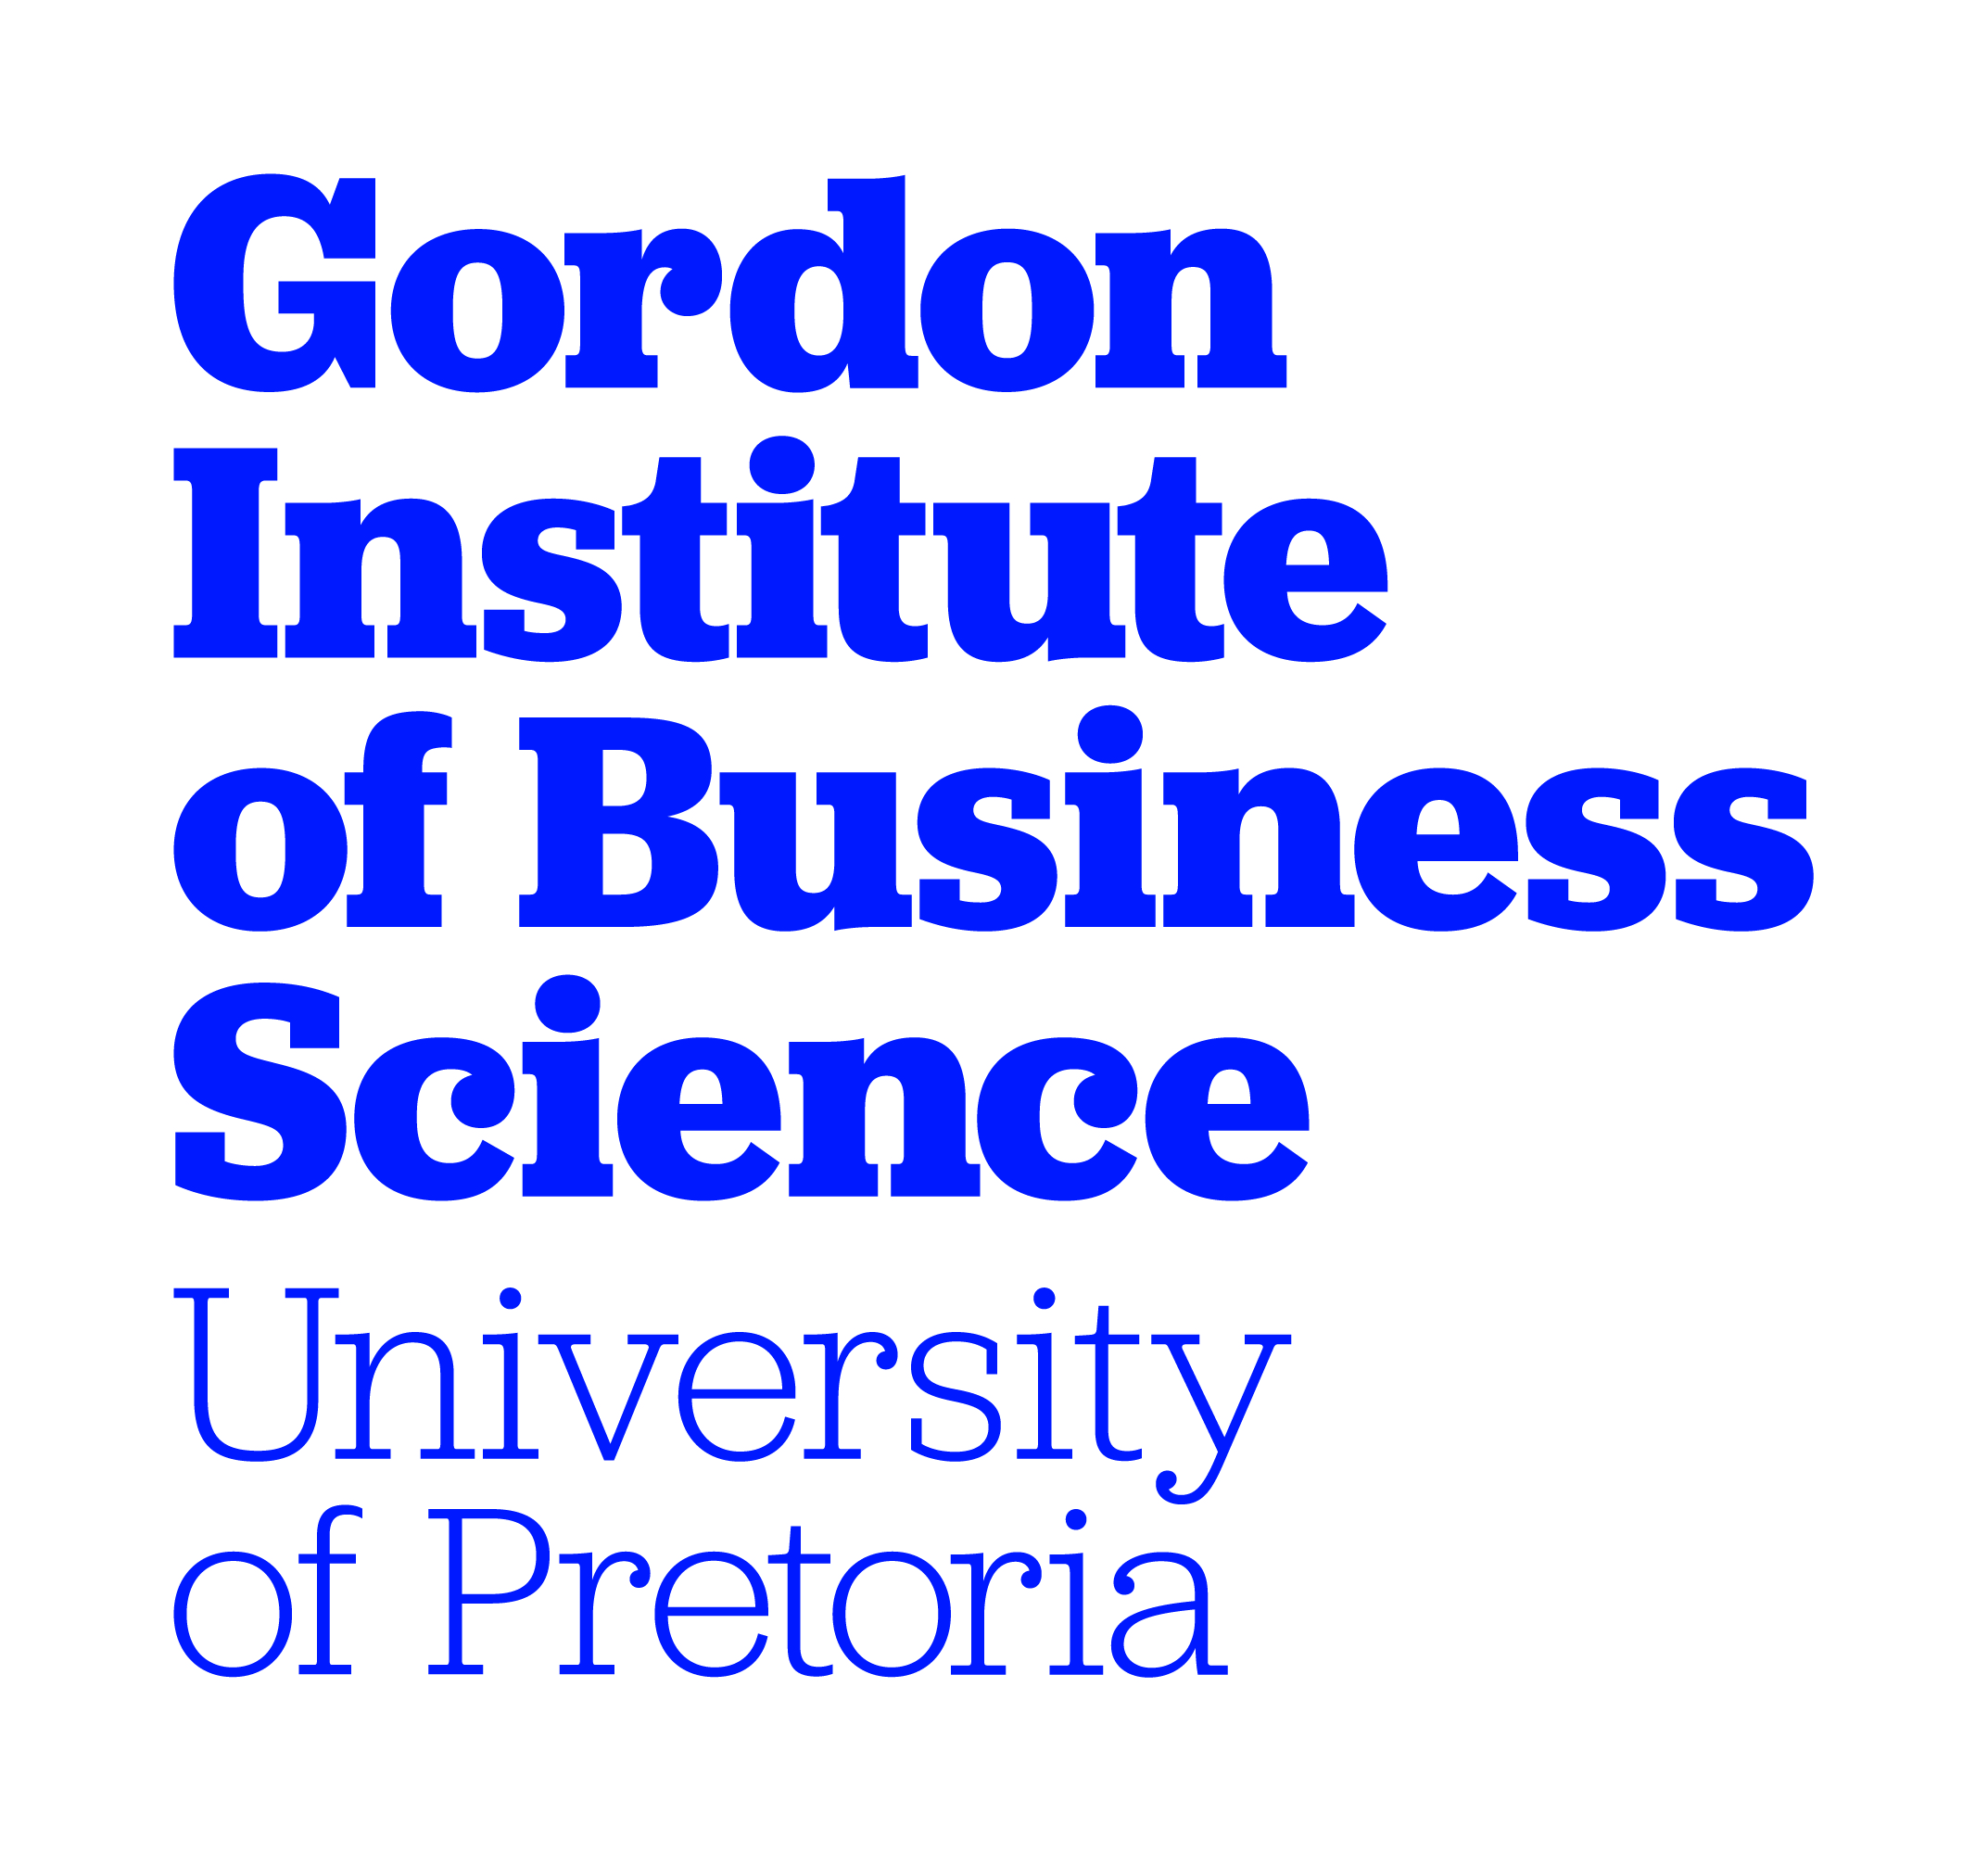 Logo University of Pretoria - Gordon Institute of Business Science